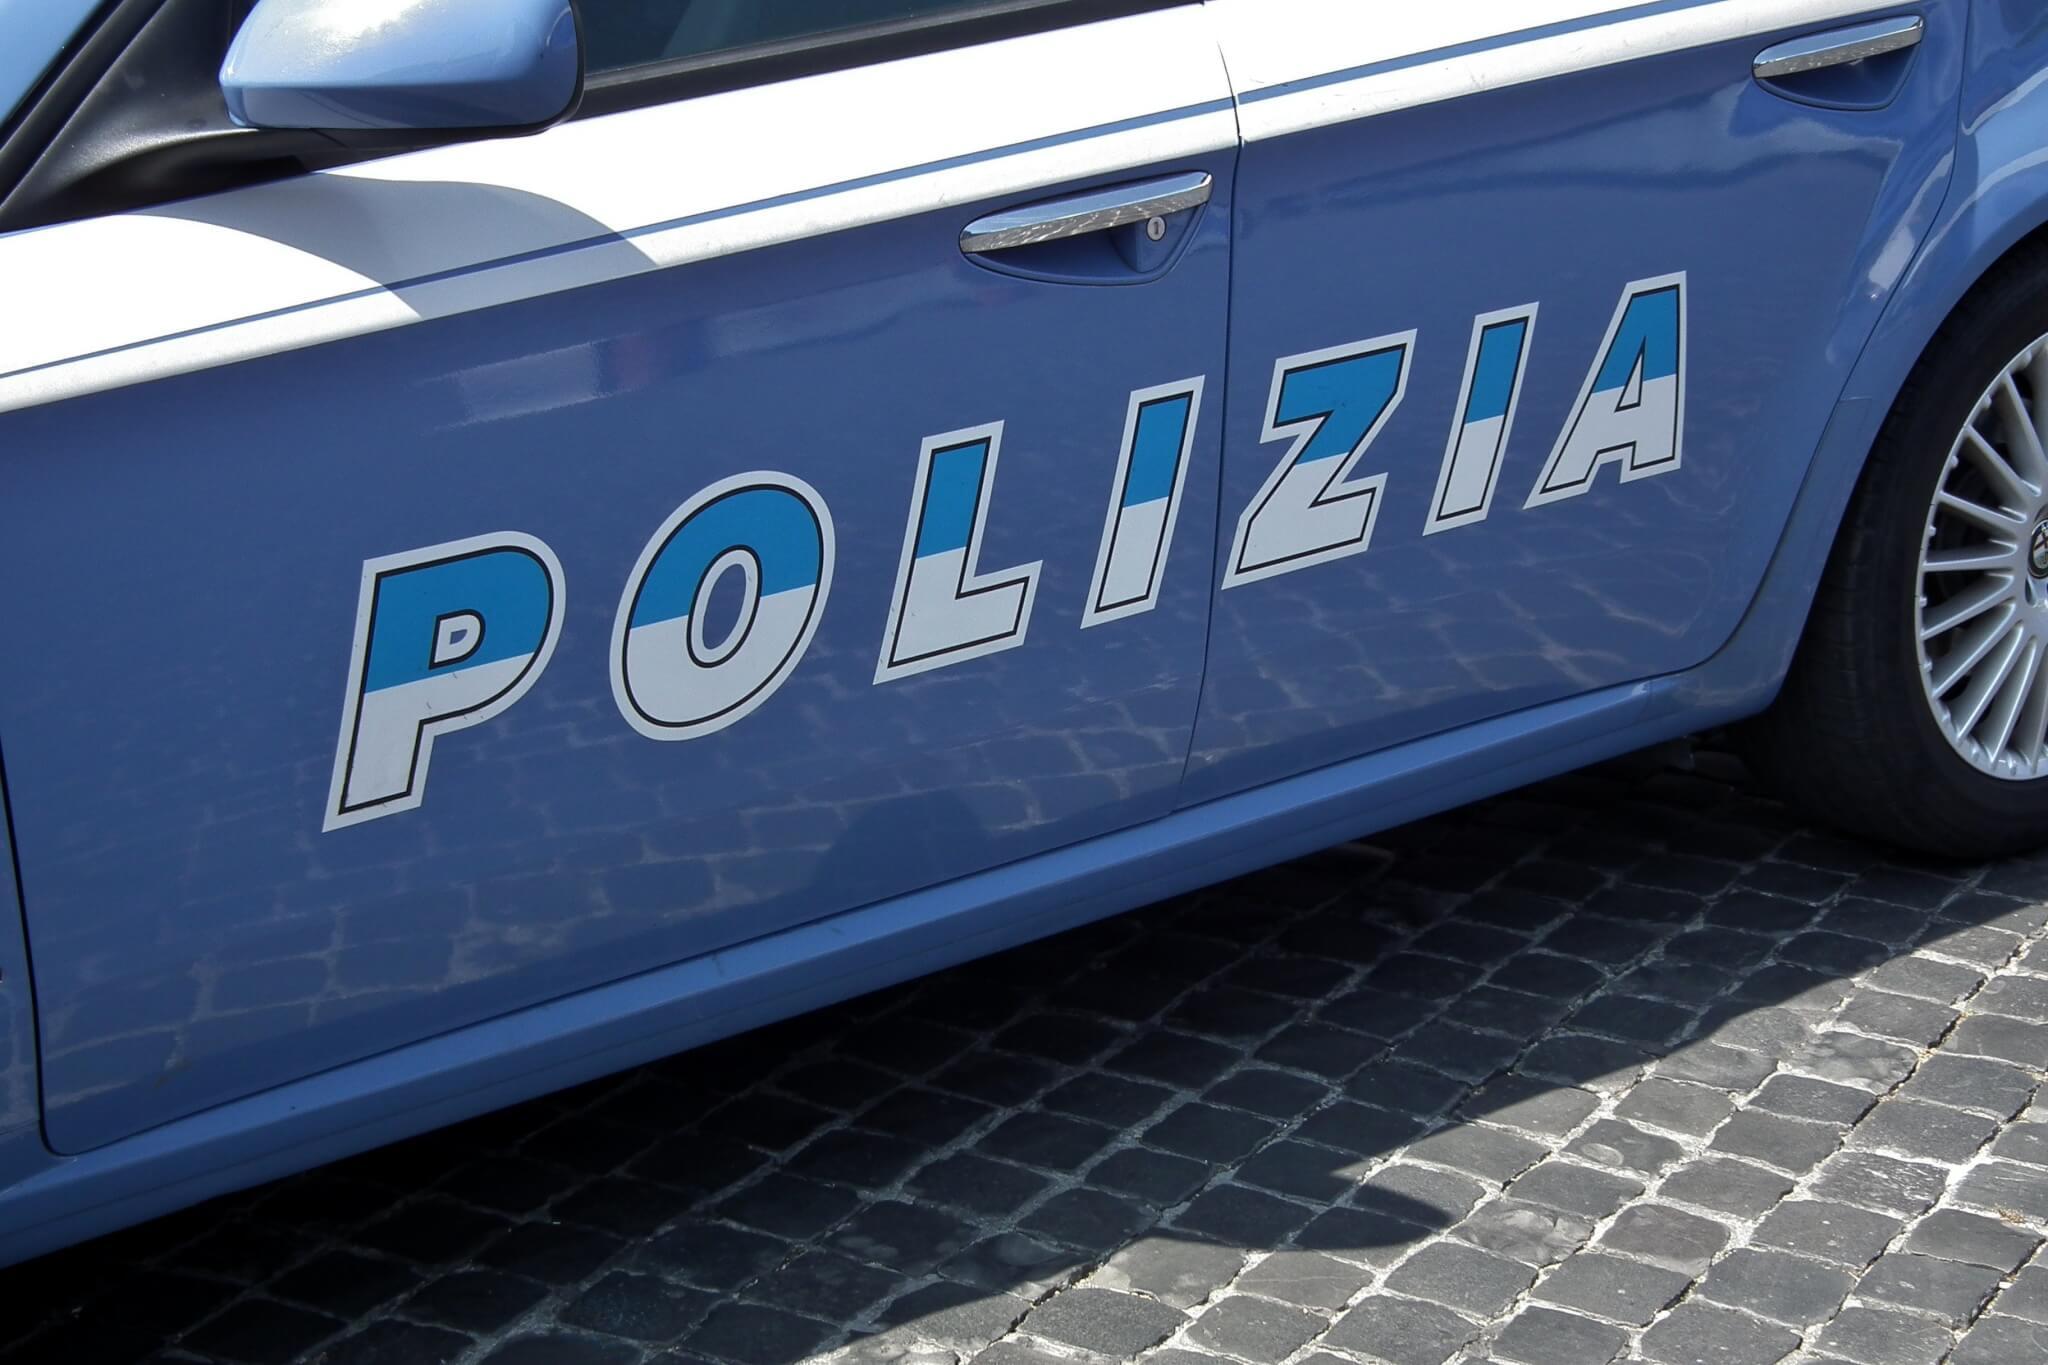 Estorceva soldi ai familiari, arrestato 30enne dalla polizia a Portici